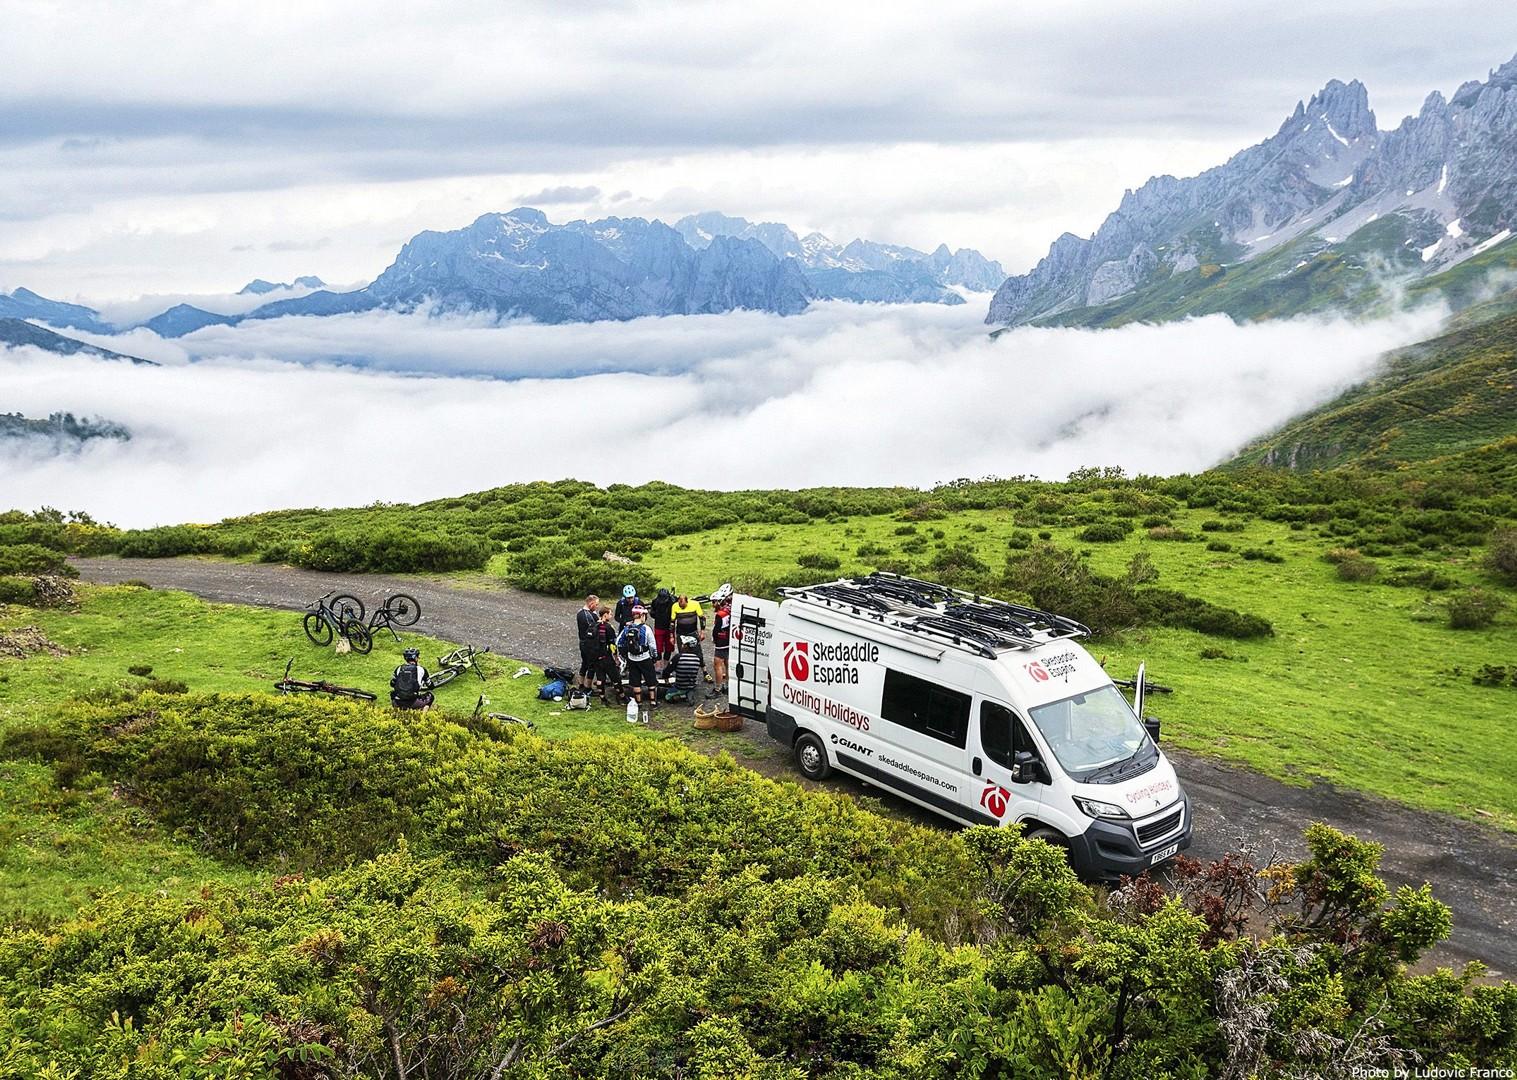 _1050607.jpg - Spain - Picos de Europa - Trans Picos - Guided Mountain Bike Holiday - Mountain Biking